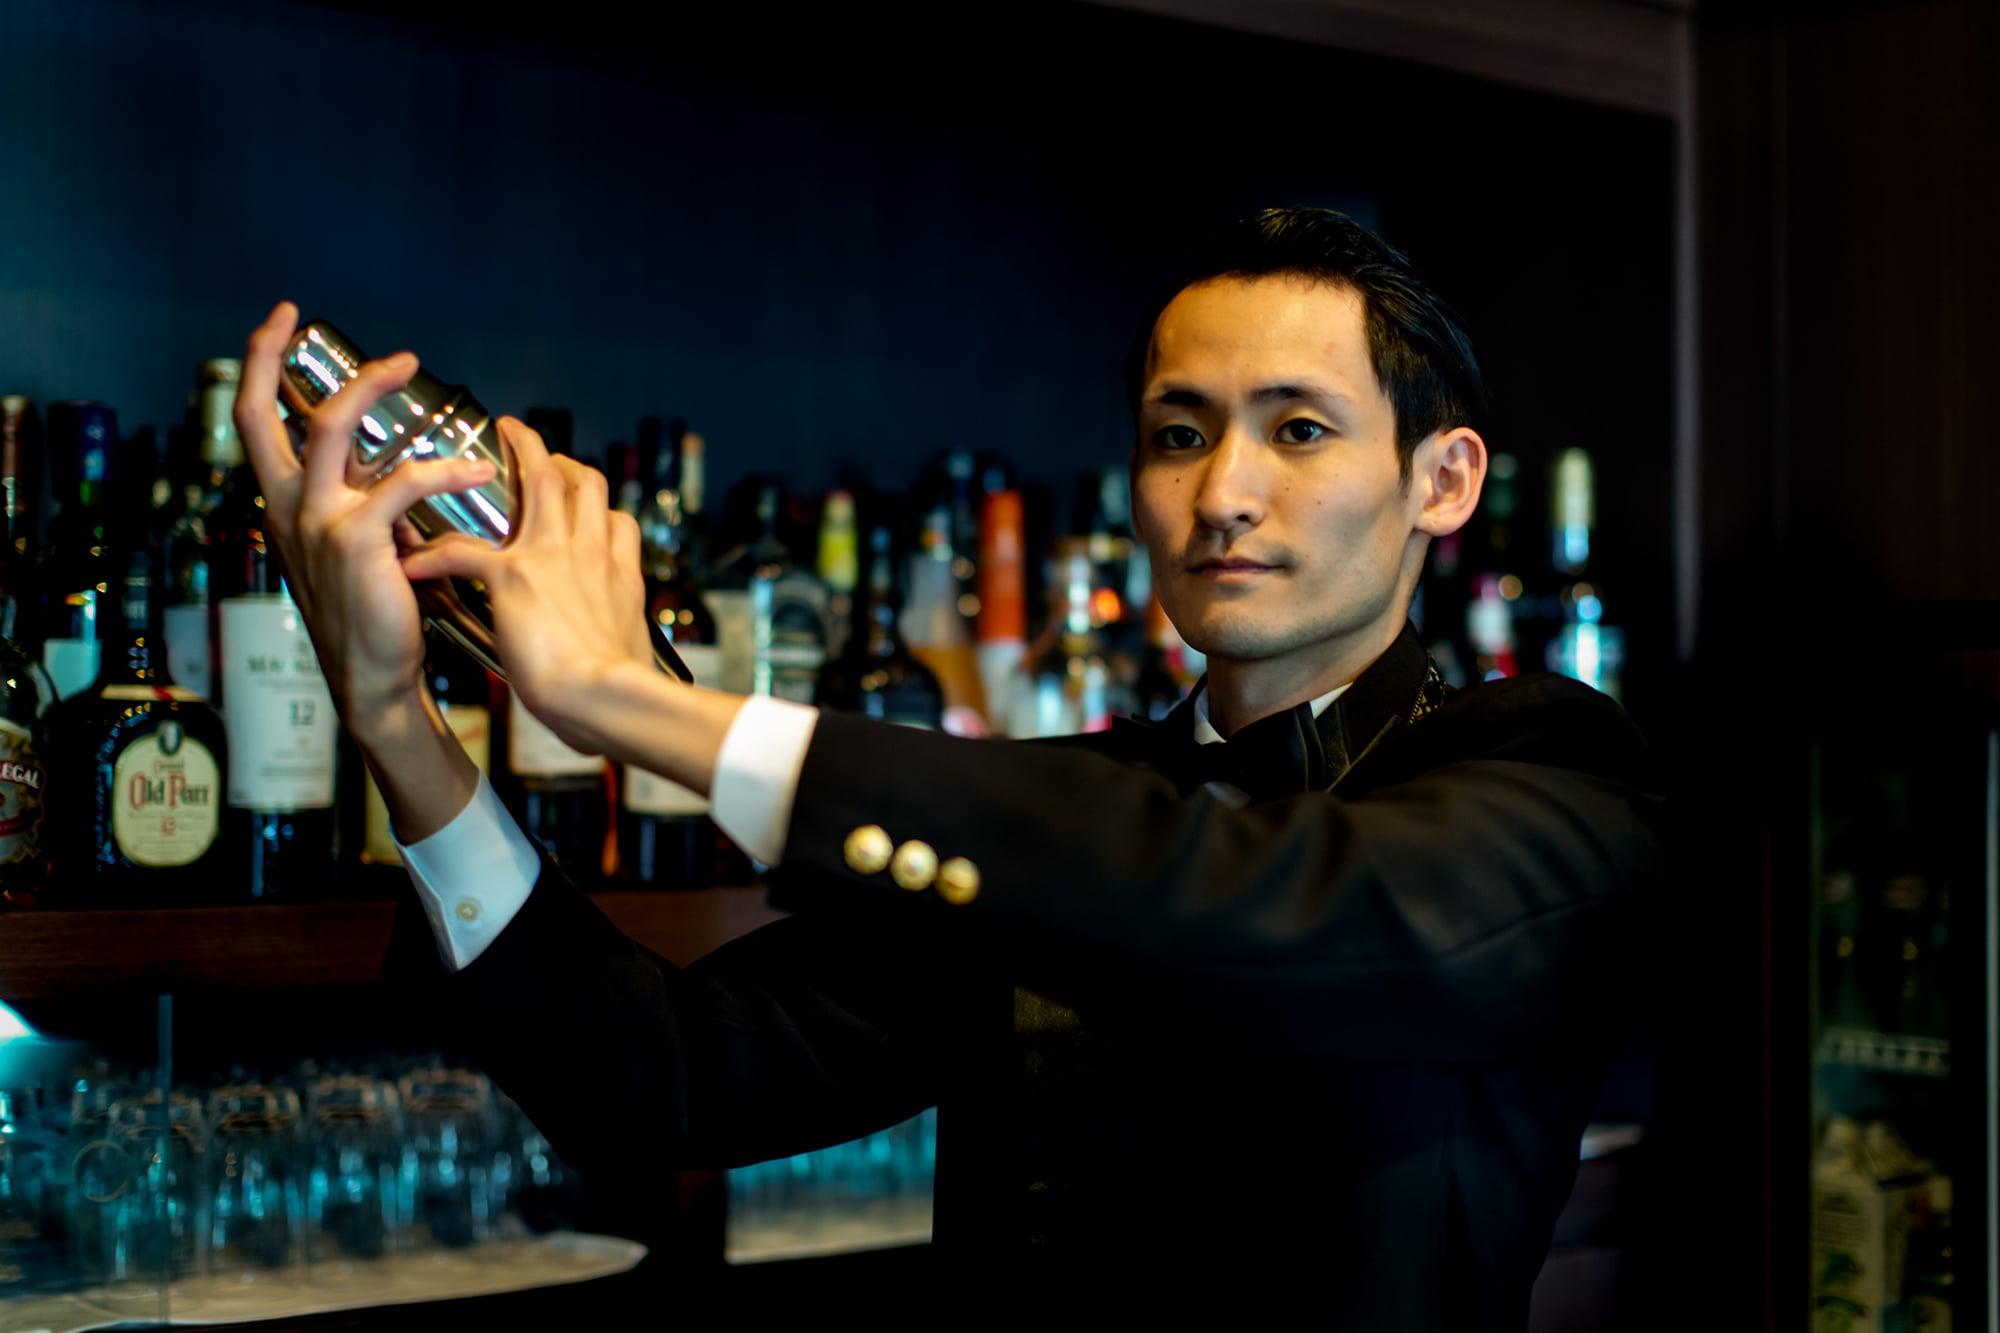 老舗バーに相応しい風格と心地よさを求めて、毎晩多くのお客様が足を運ぶ、オーキッドバー。